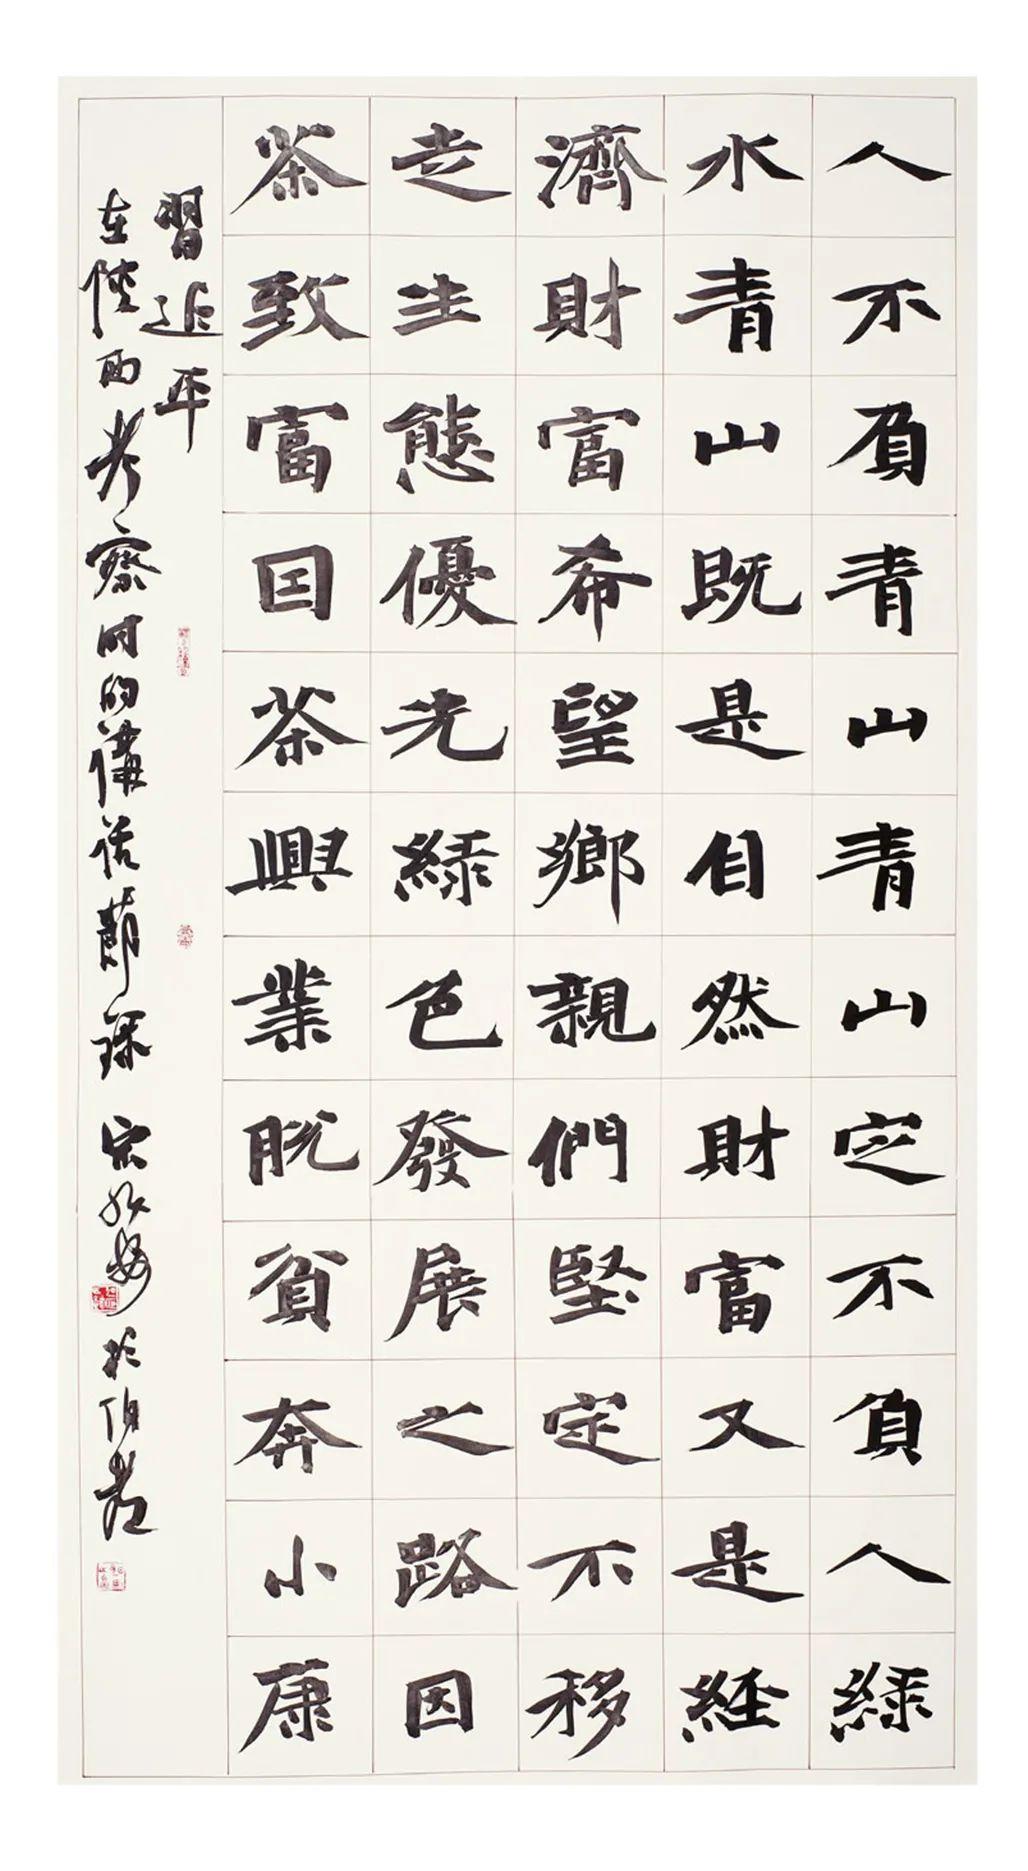 中国力量——全国扶贫书法大展作品 | 第一篇章 :人民至上(图51)